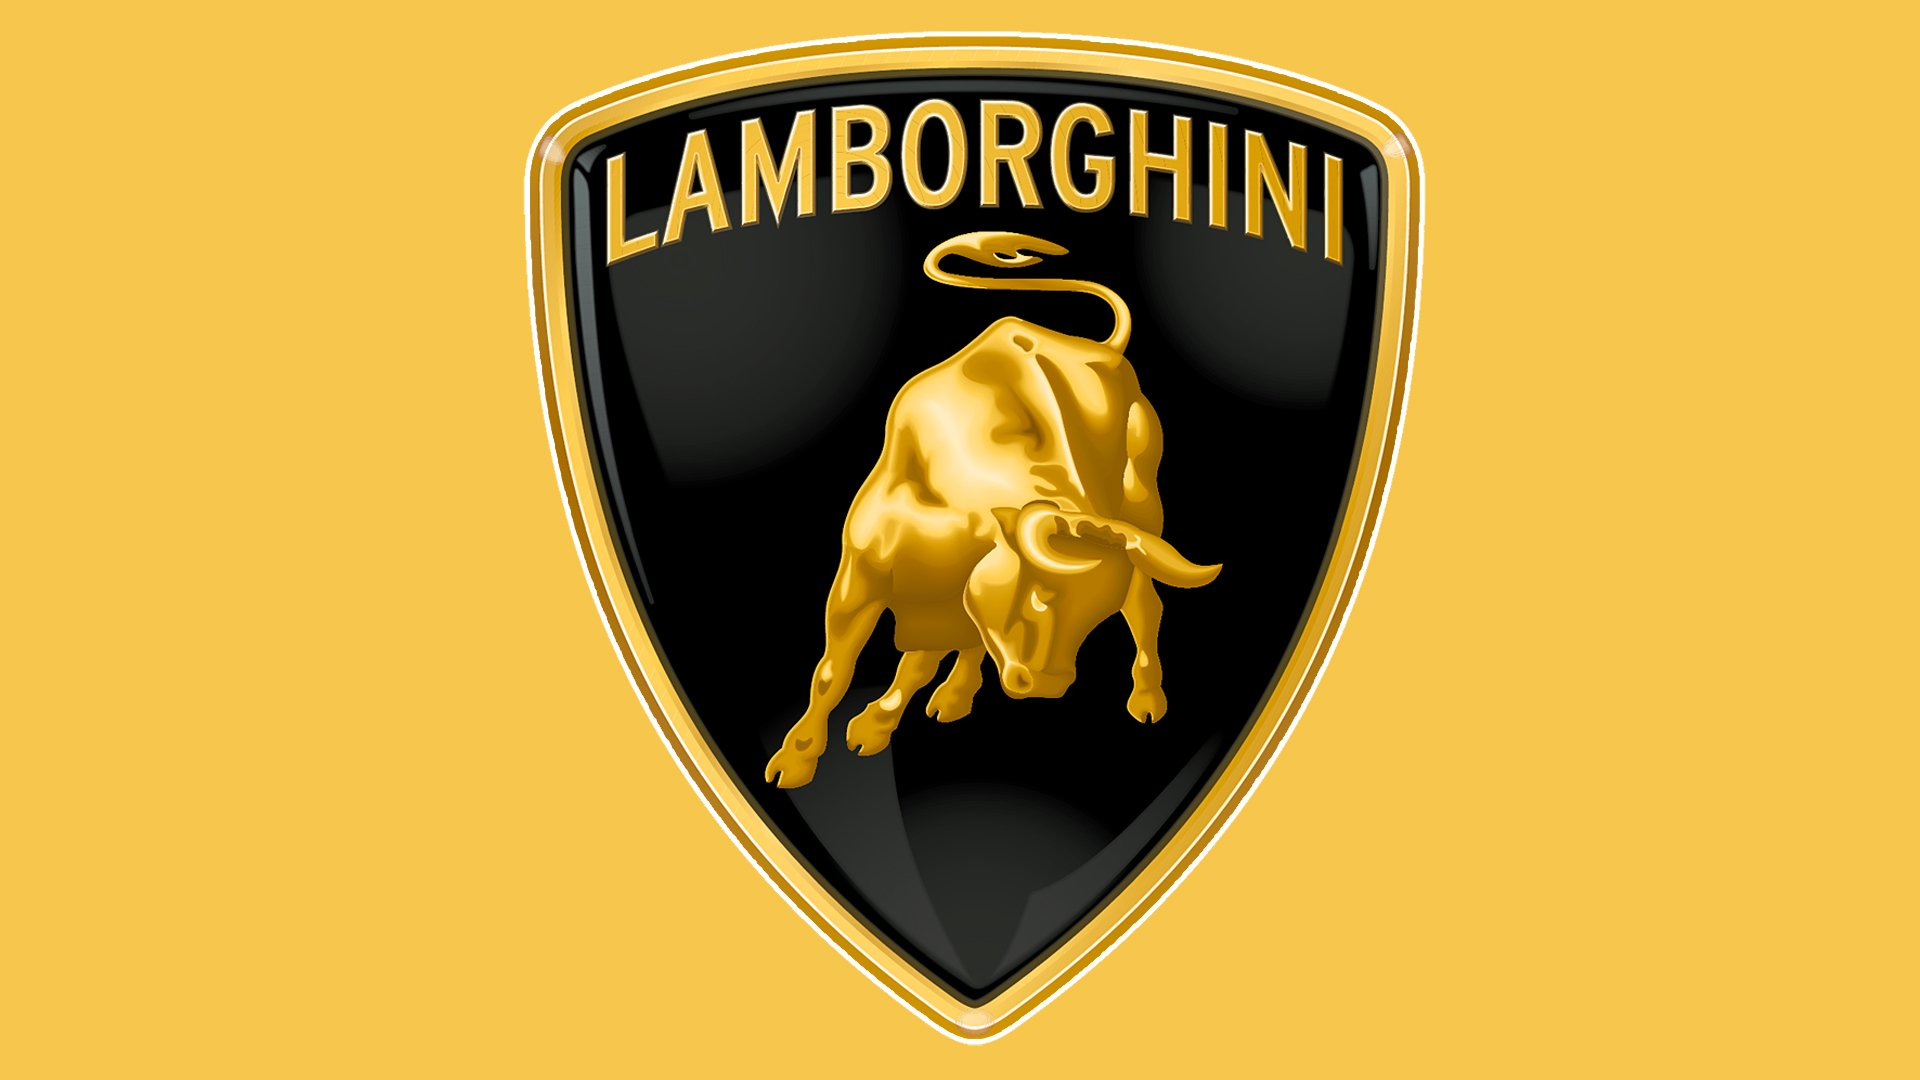 Lamborghini logo color